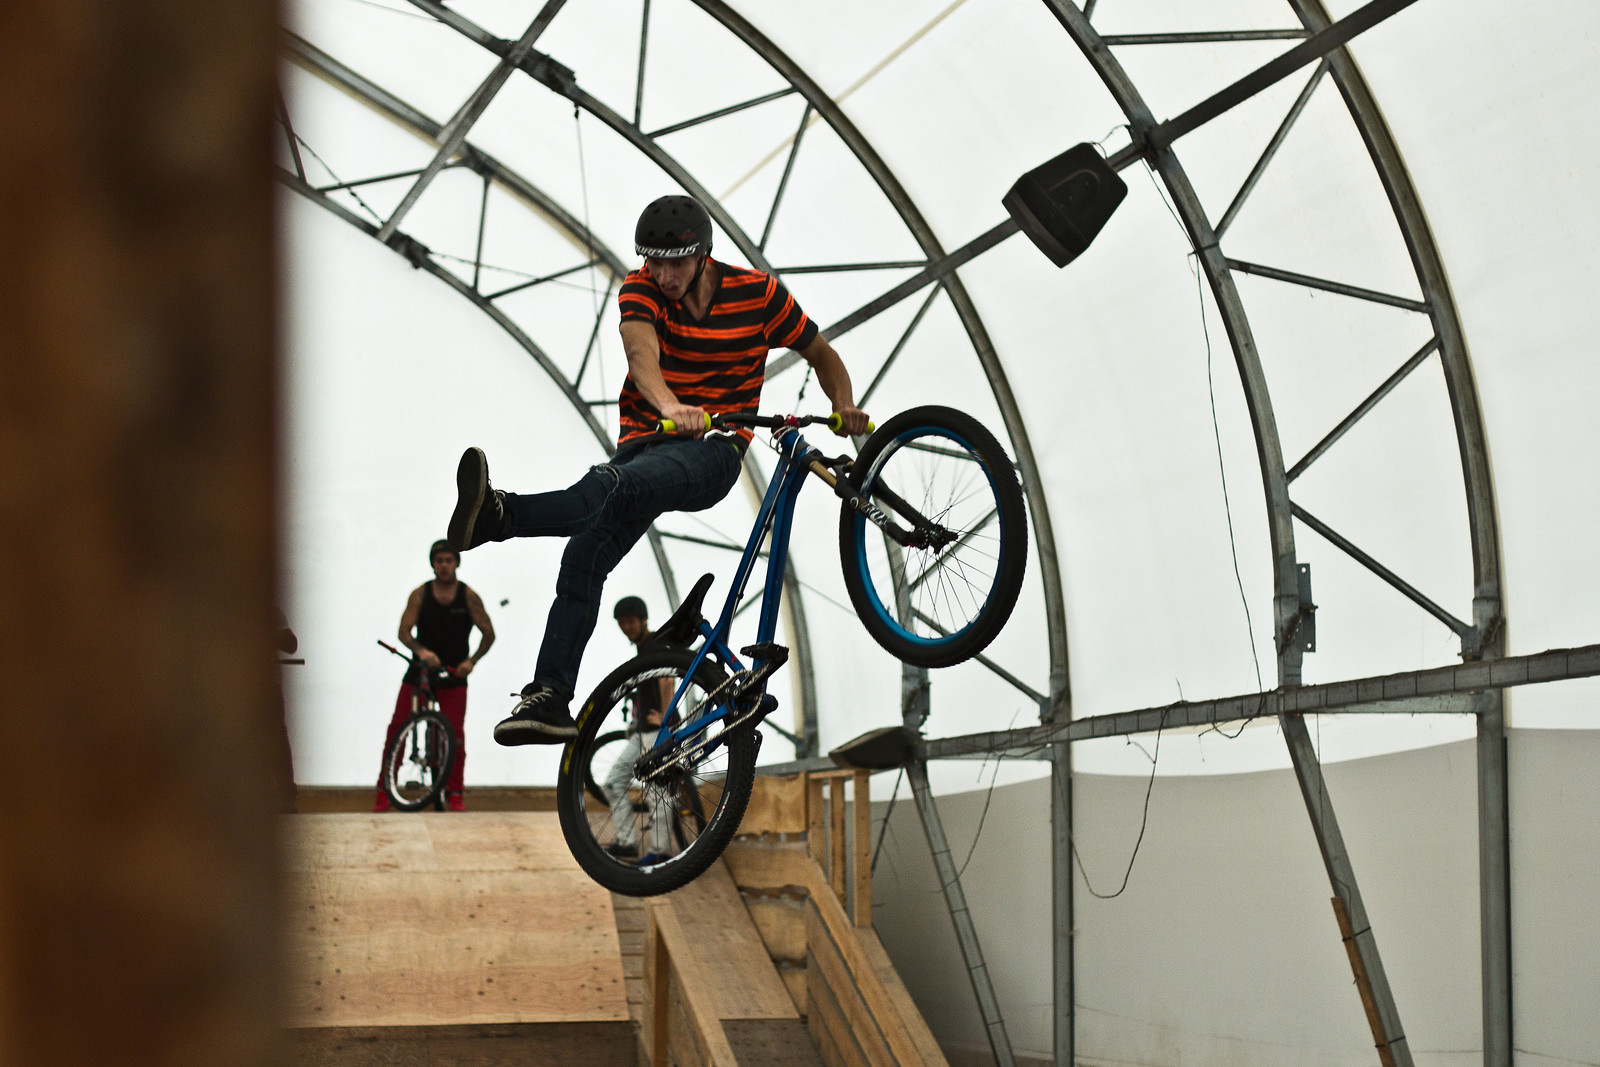 AirDome-8 - KazYamamura - Mountain Biking Pictures - Vital MTB